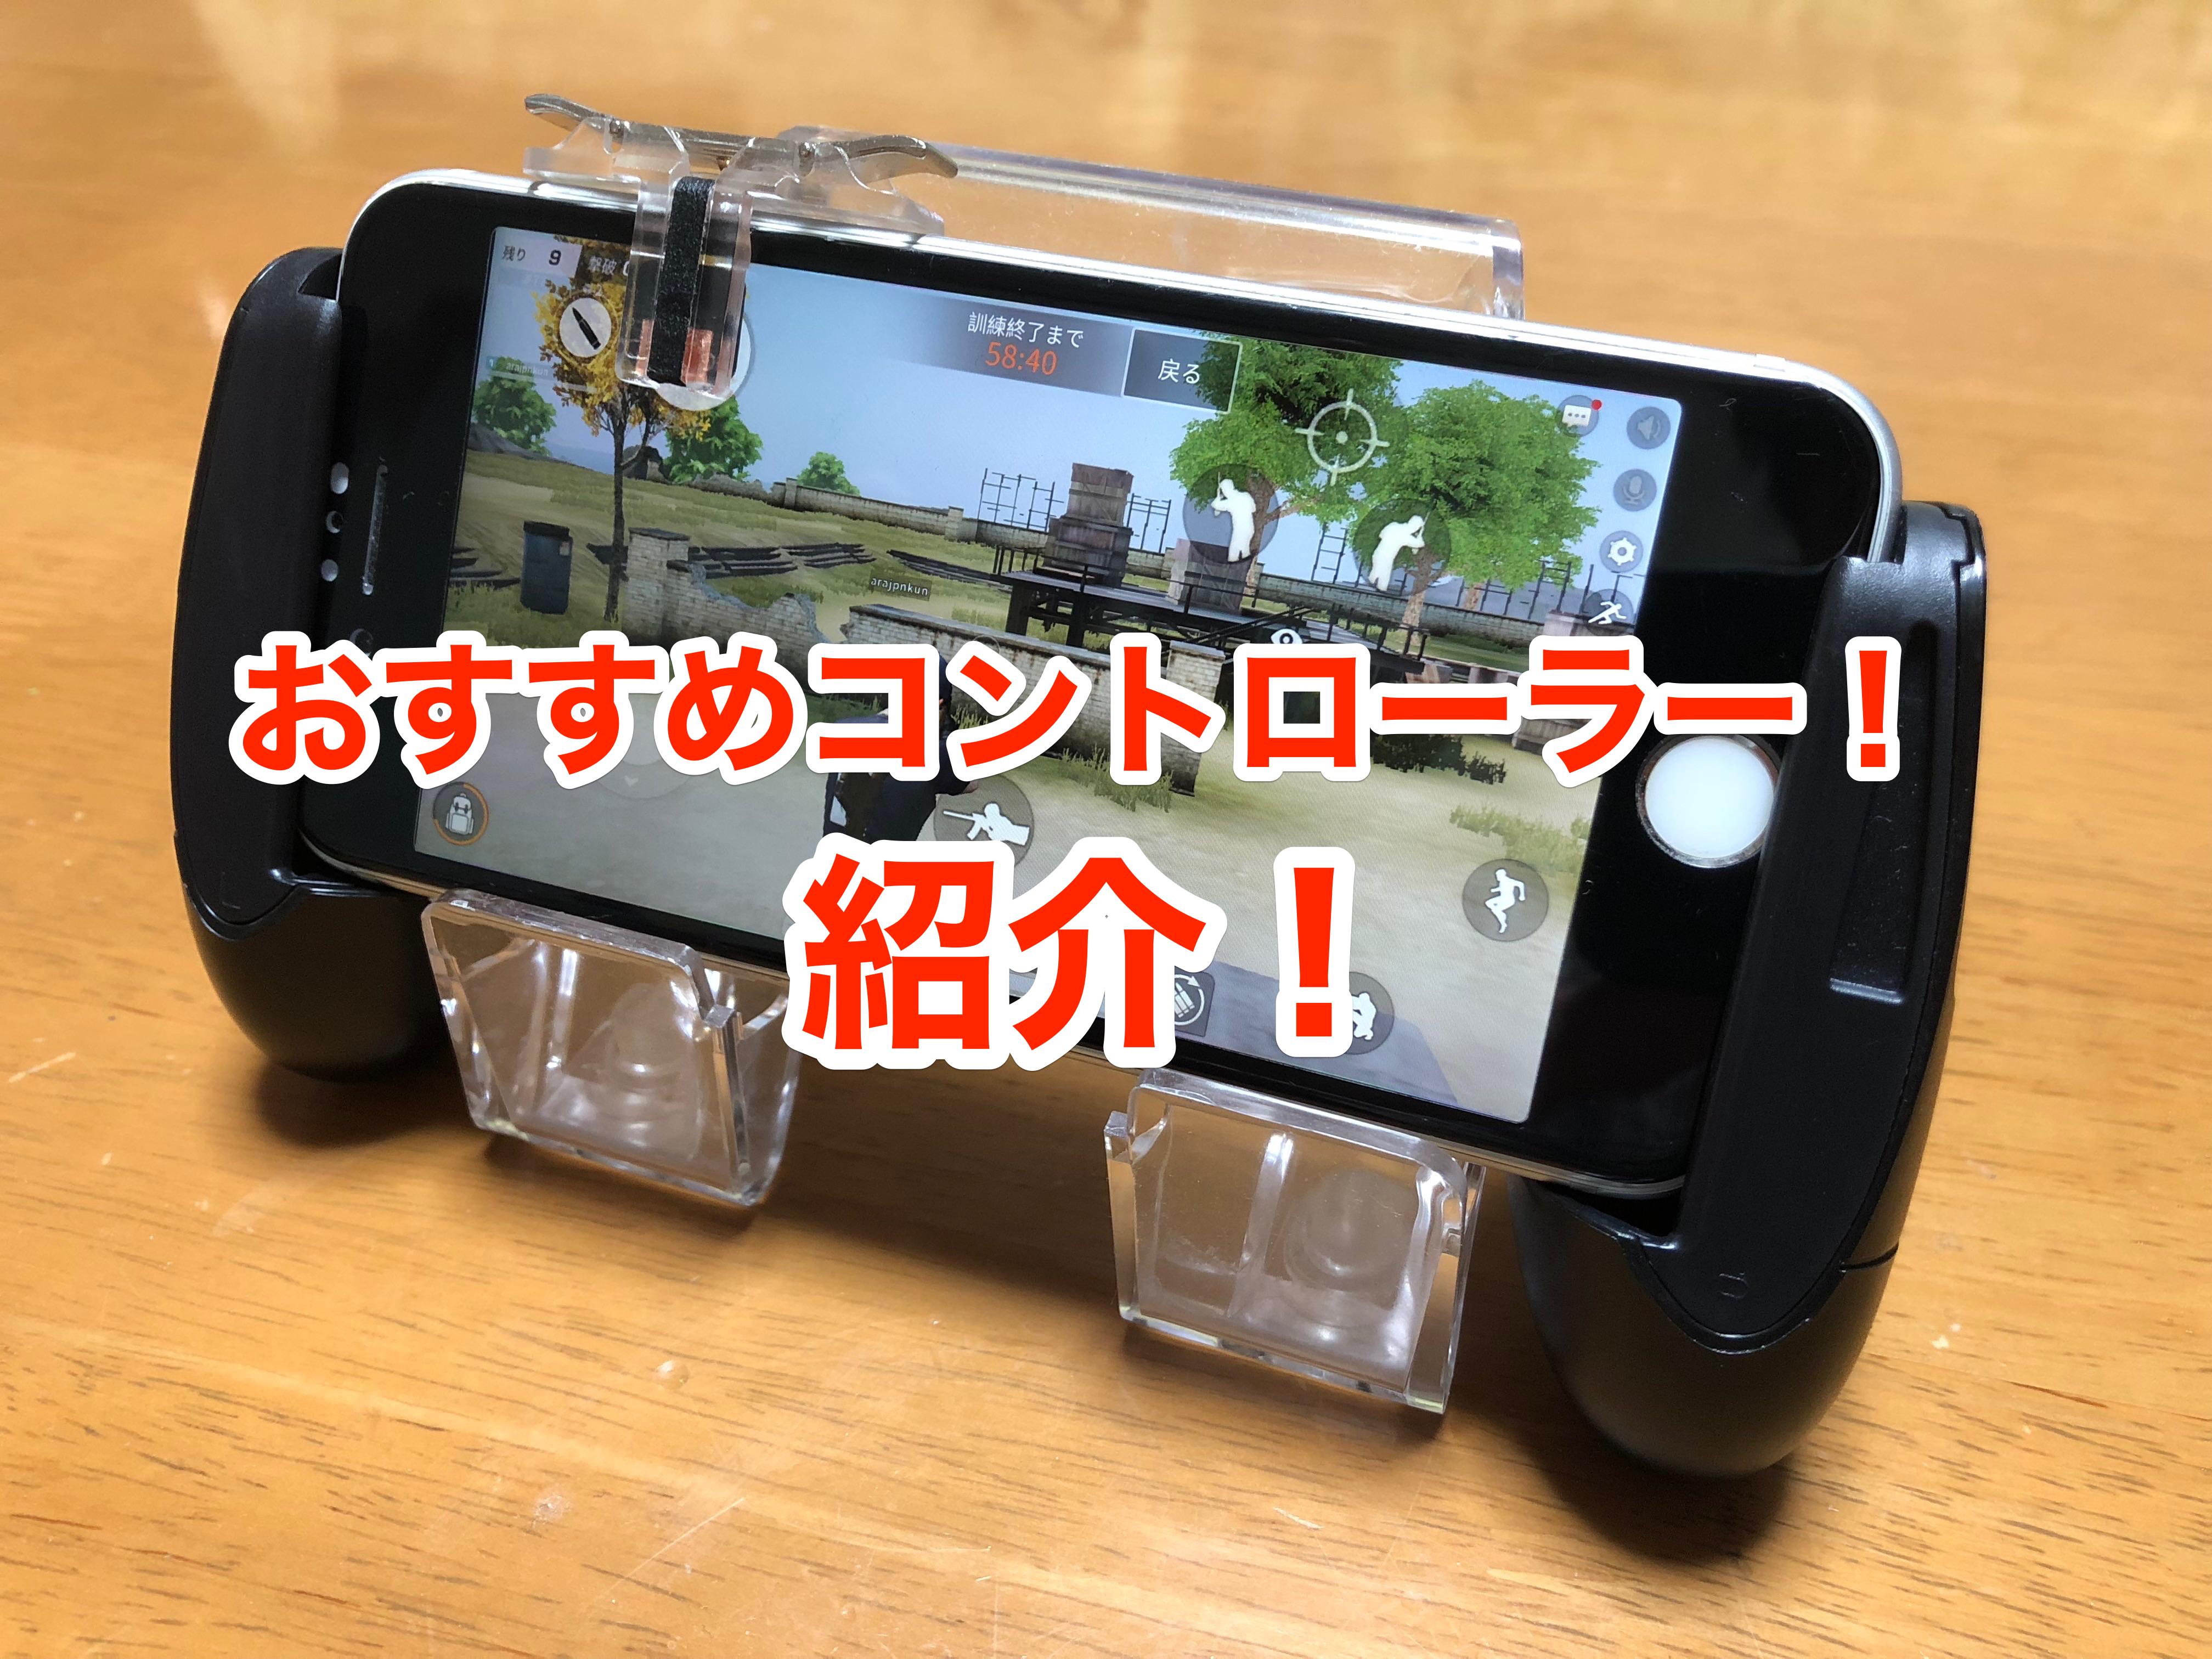 行動 本 荒野 iphone 四 指 配置